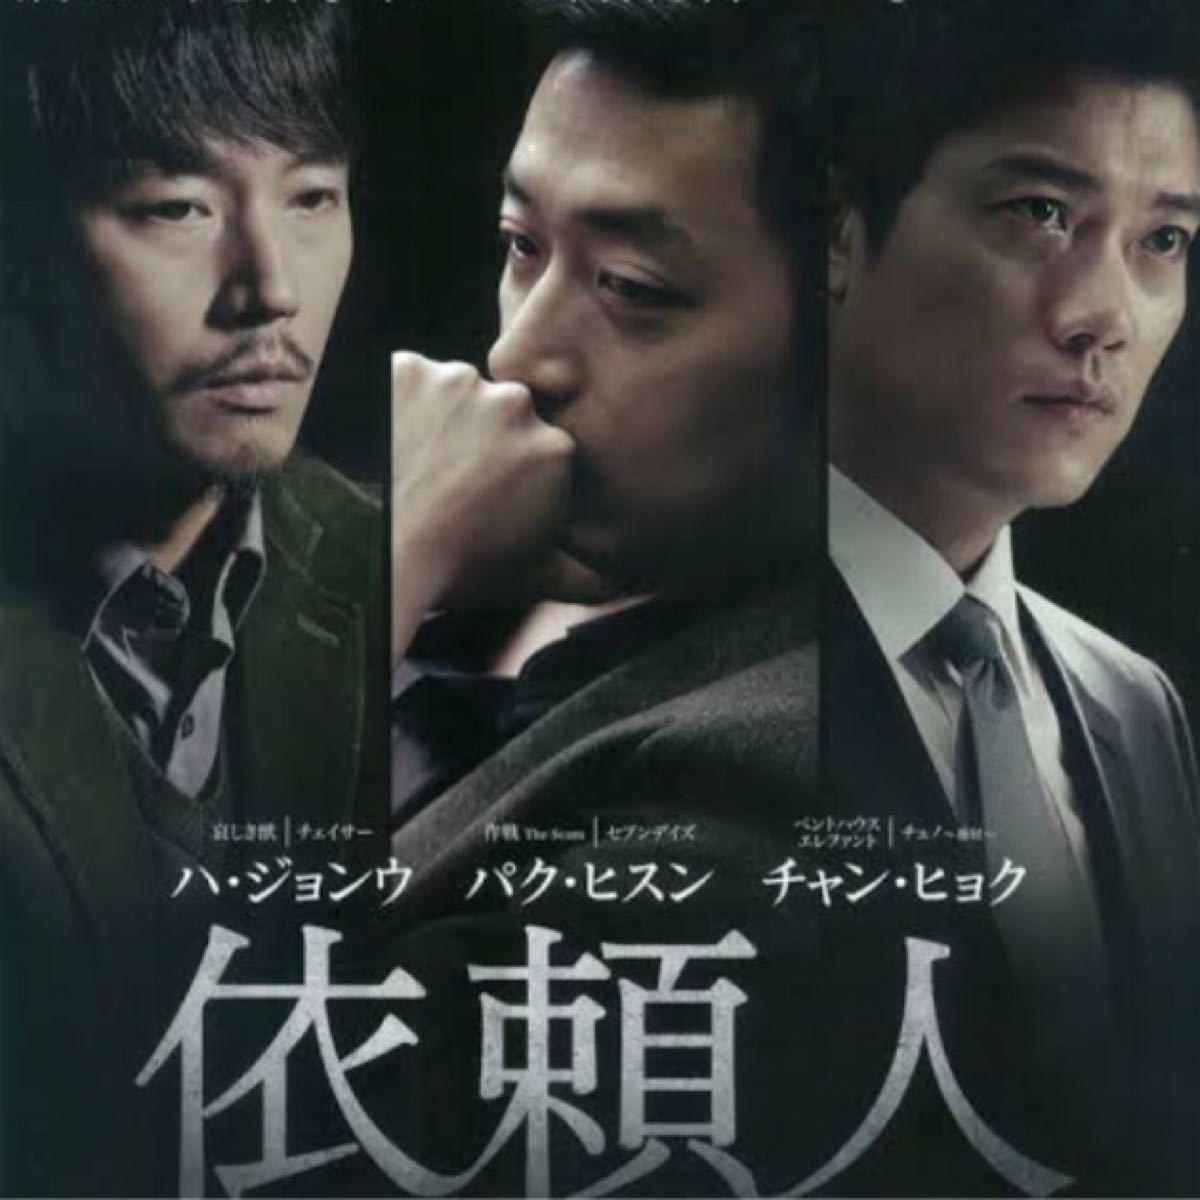 韓国映画  依頼人  ハ・ジョンウ  パク・ヒスン  チャン・ヒョク  DVD  日本語吹替有り  レーベル有り